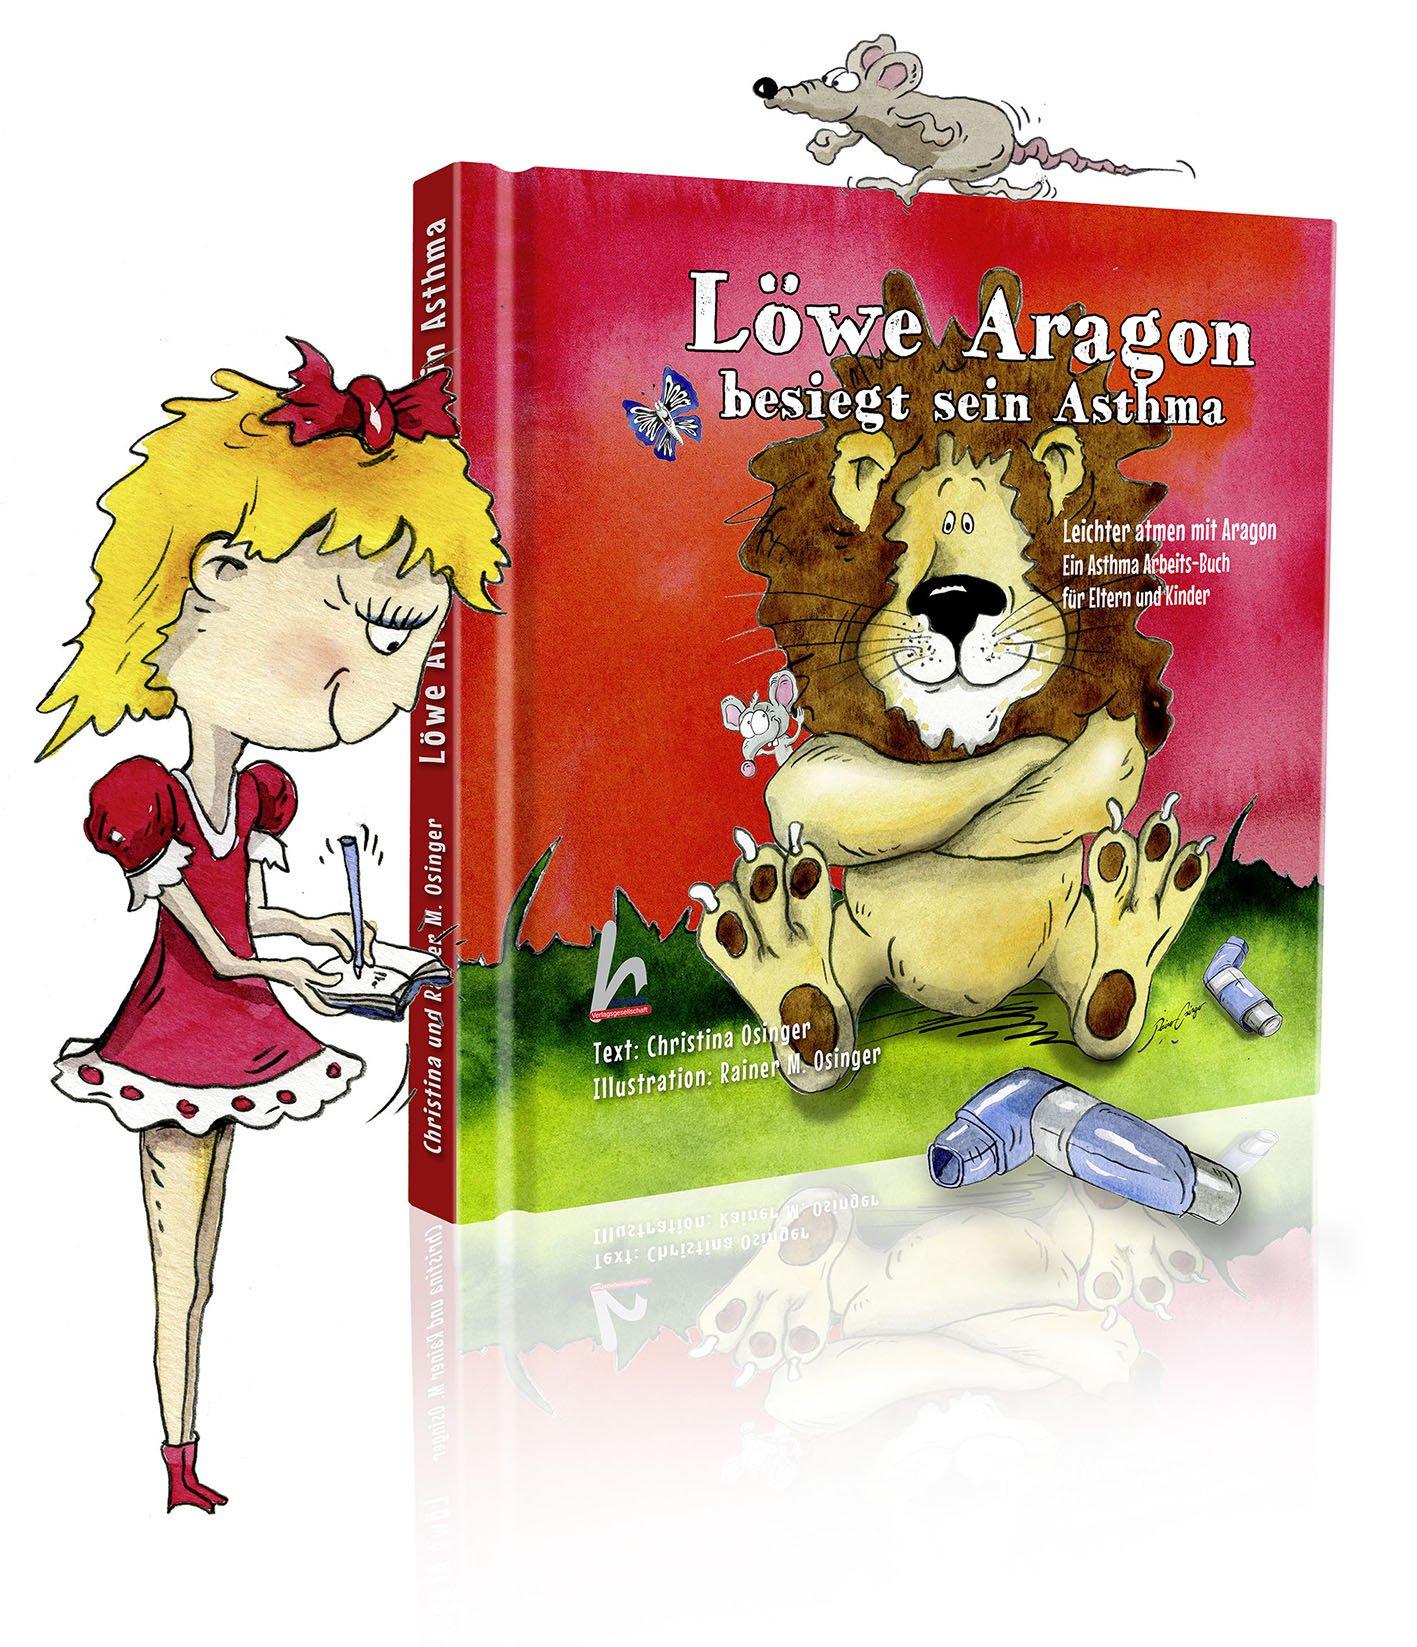 Löwe Aragon besiegt sein Asthma